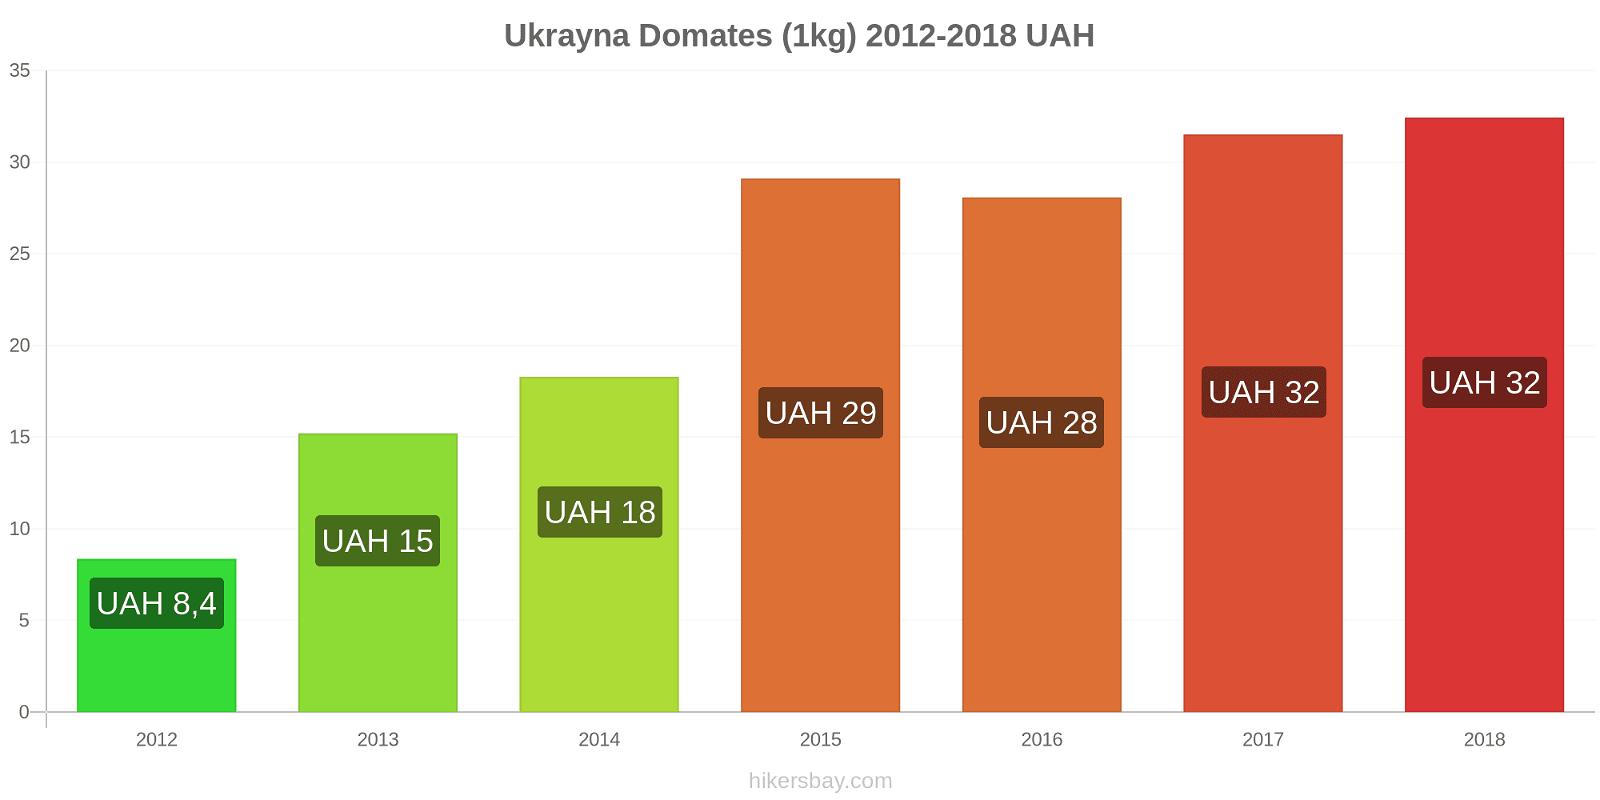 Ukrayna fiyat değişiklikleri Domates (1kg) hikersbay.com